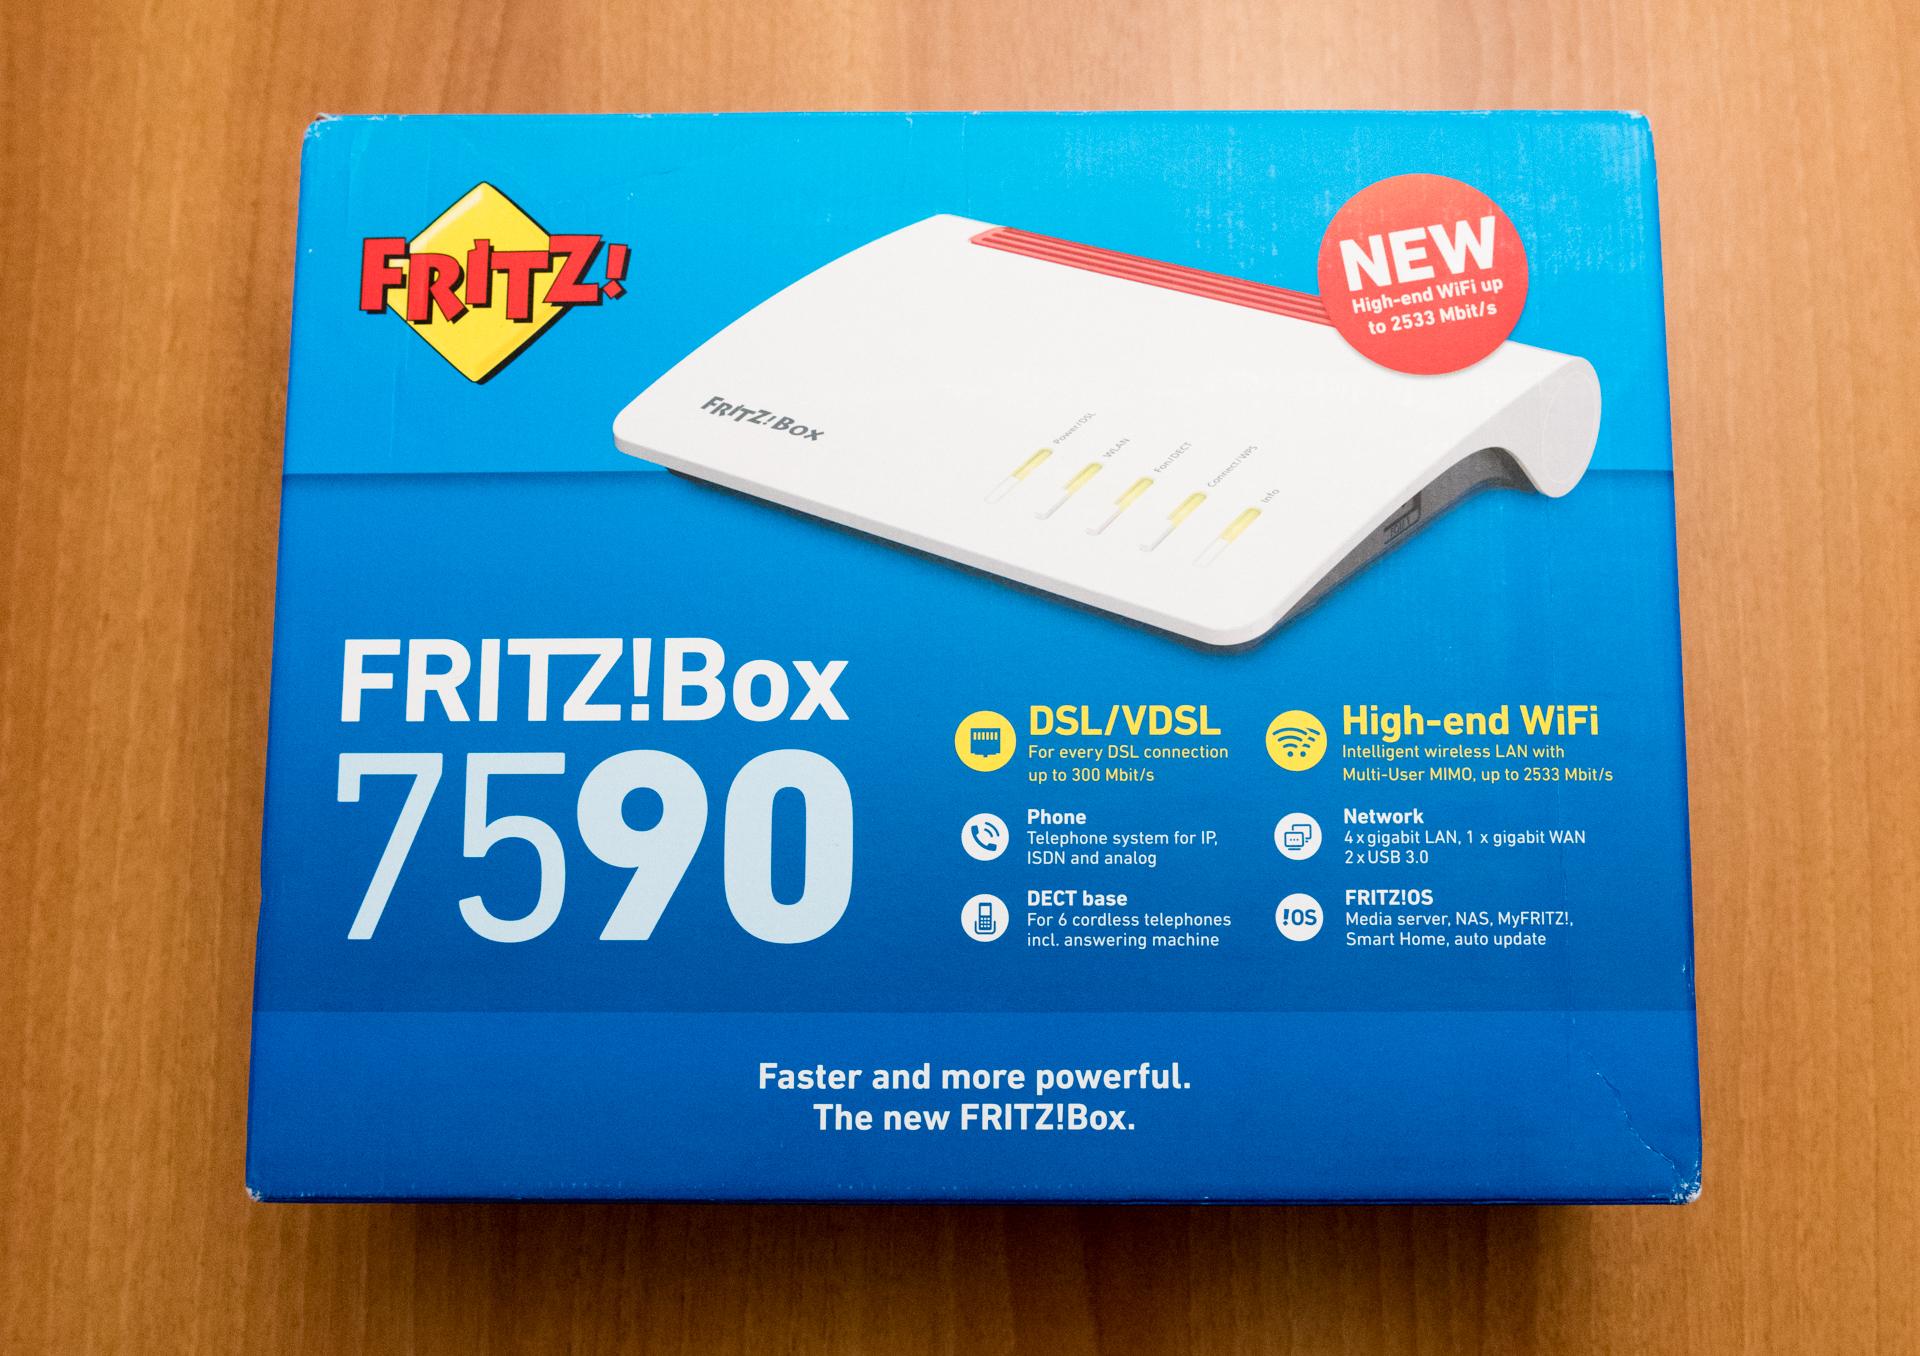 FRITZ!Box 7590 unboxing